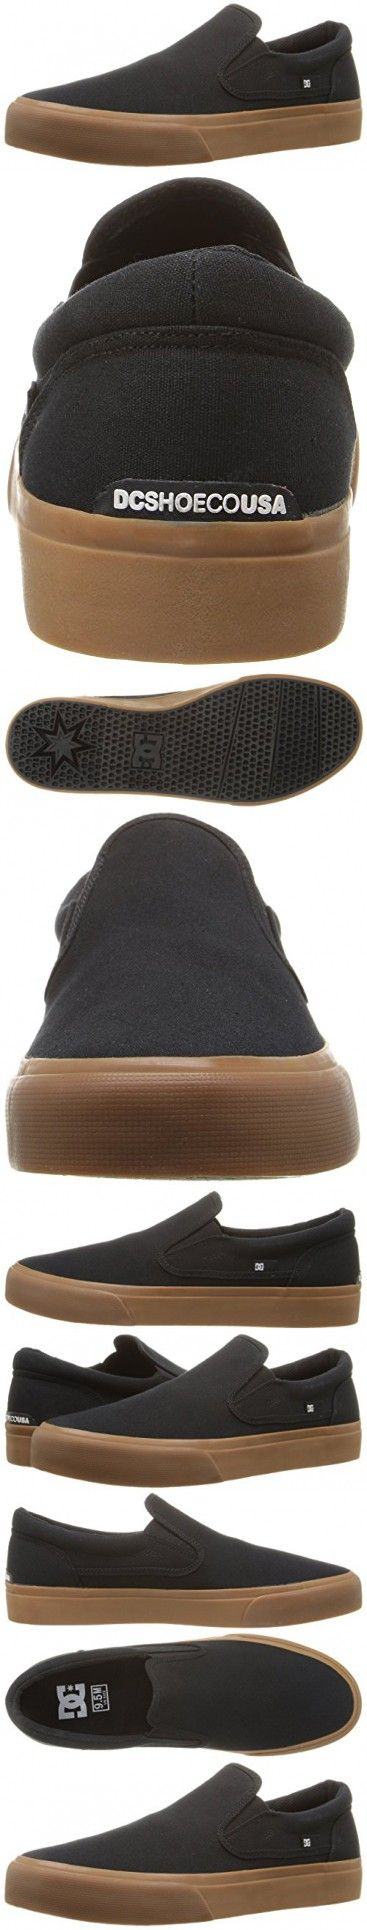 DC Men's Trase Slip-On Tx Skateboarding Shoe, Black/Gum, 9.5 M US